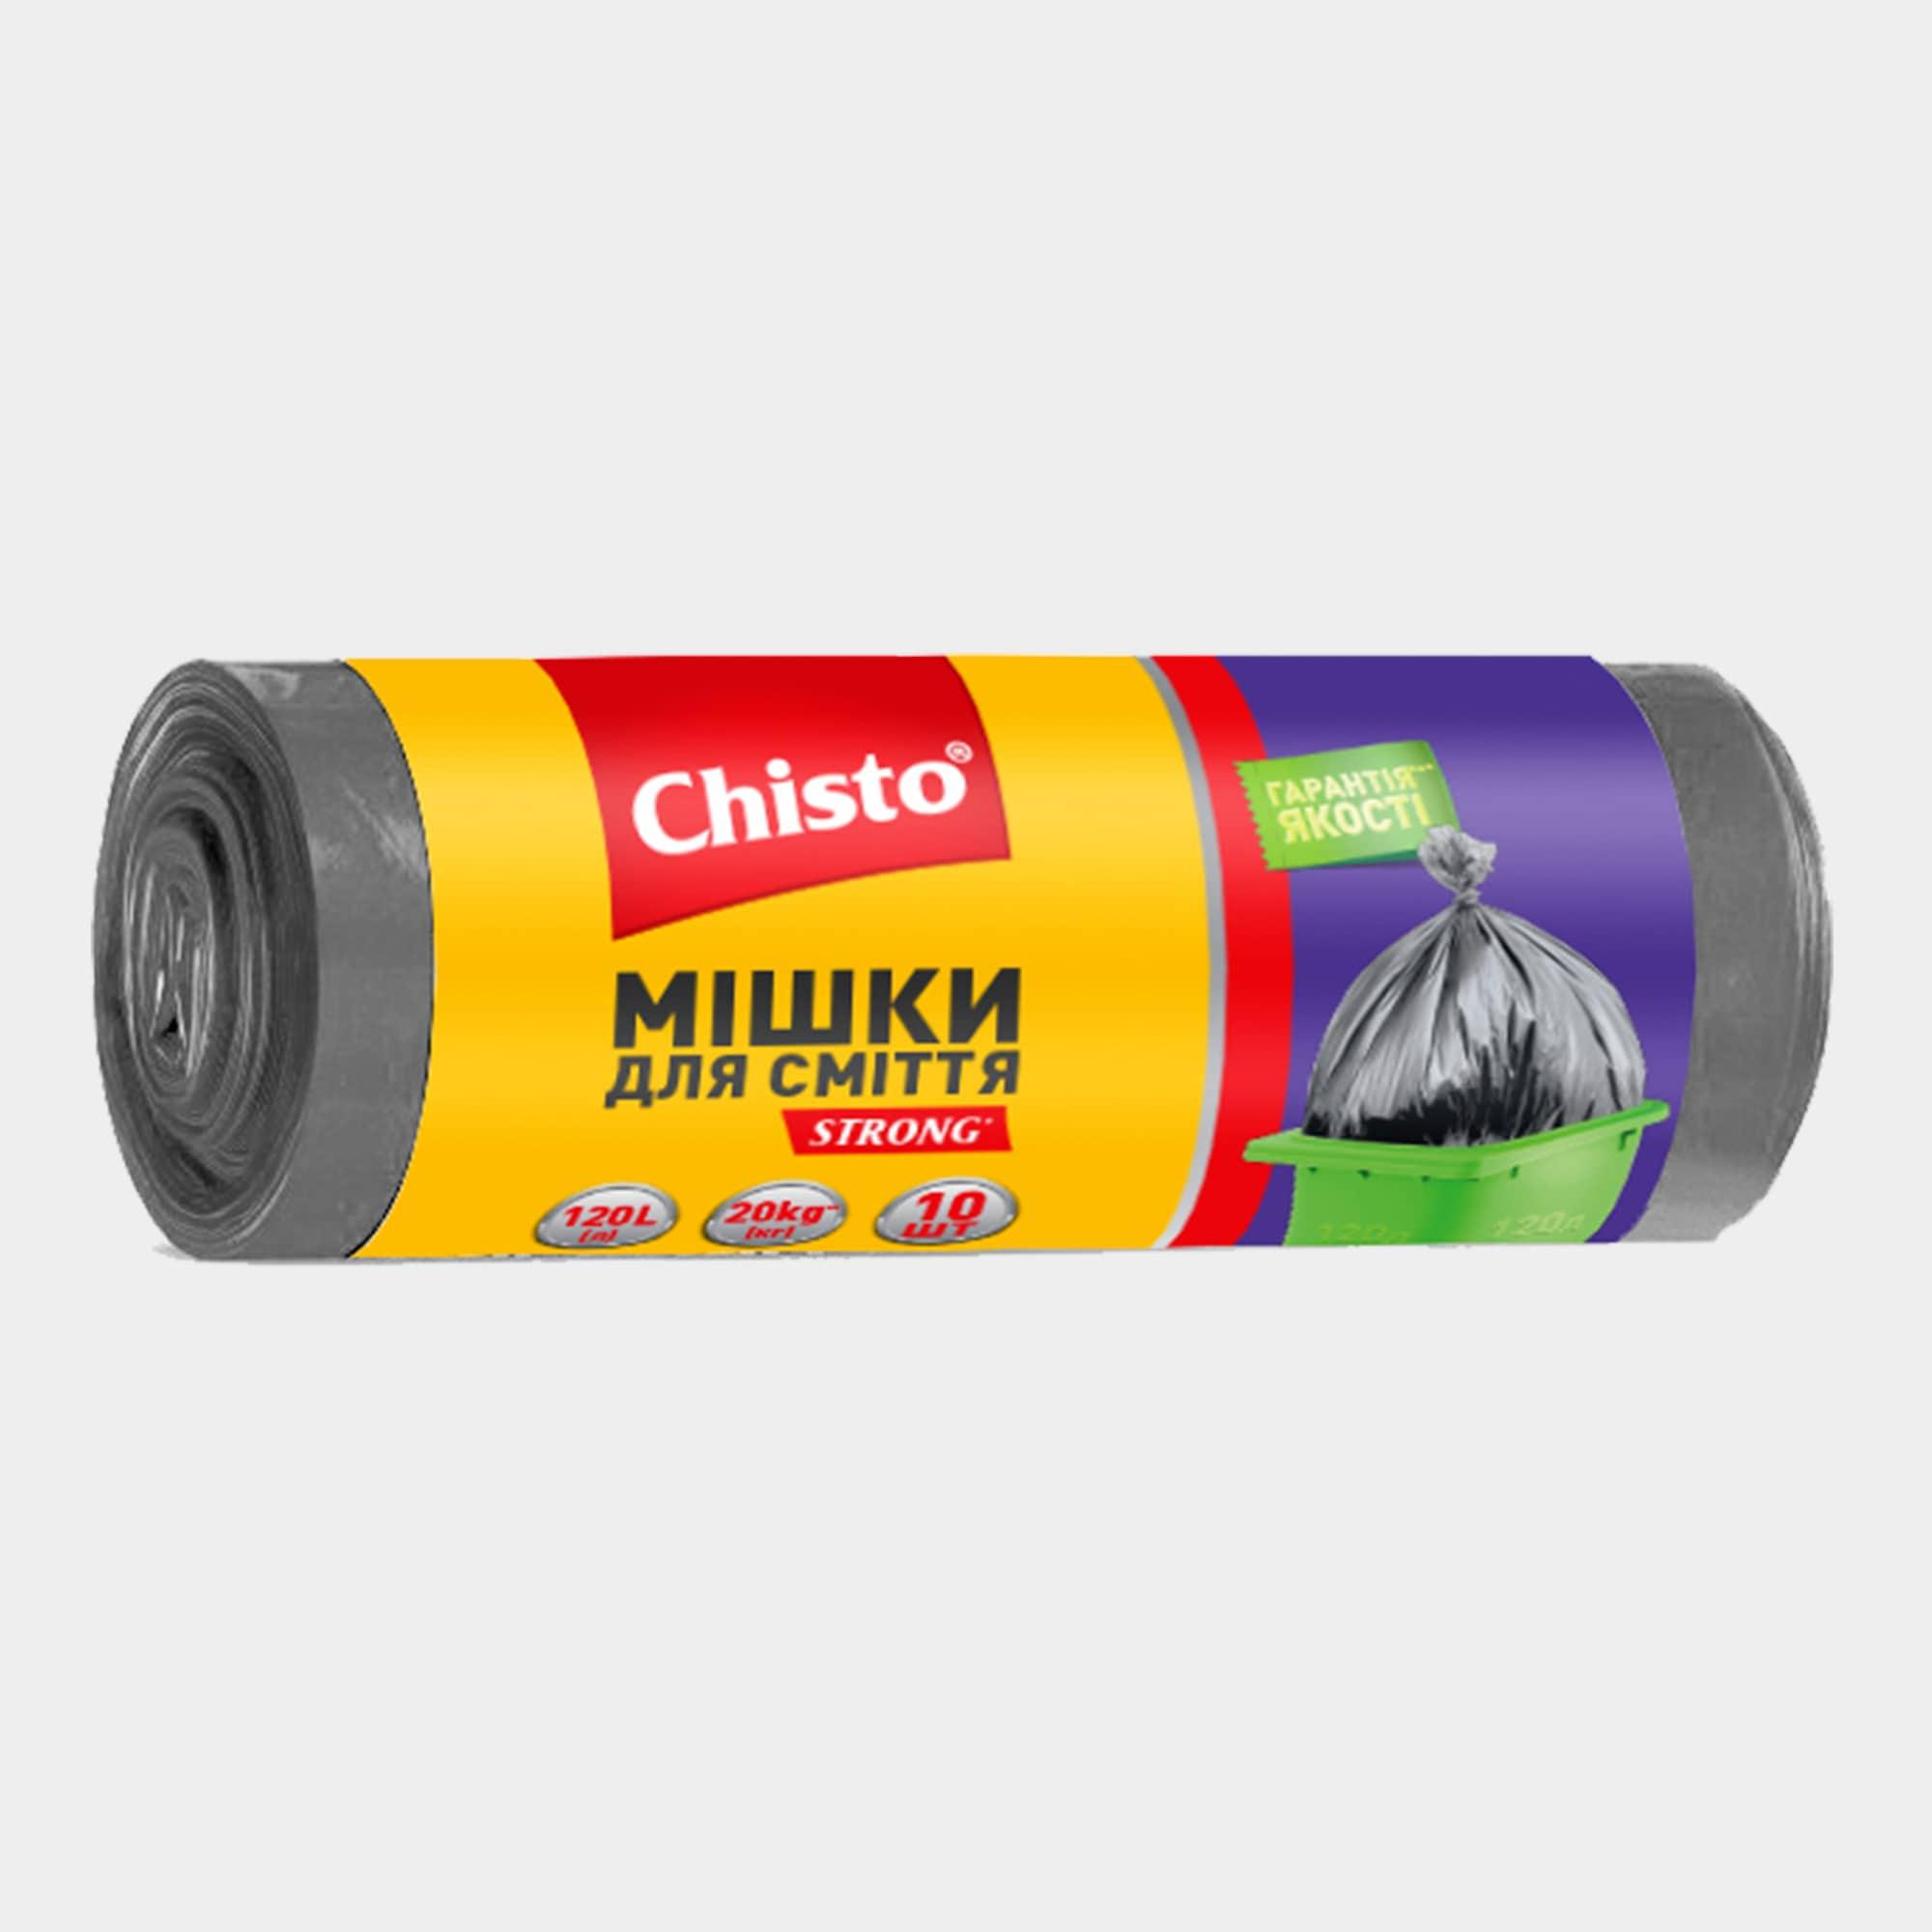 Мешки для мусора, 120л х 10шт. серого цвета | Продукция ТМ Chisto